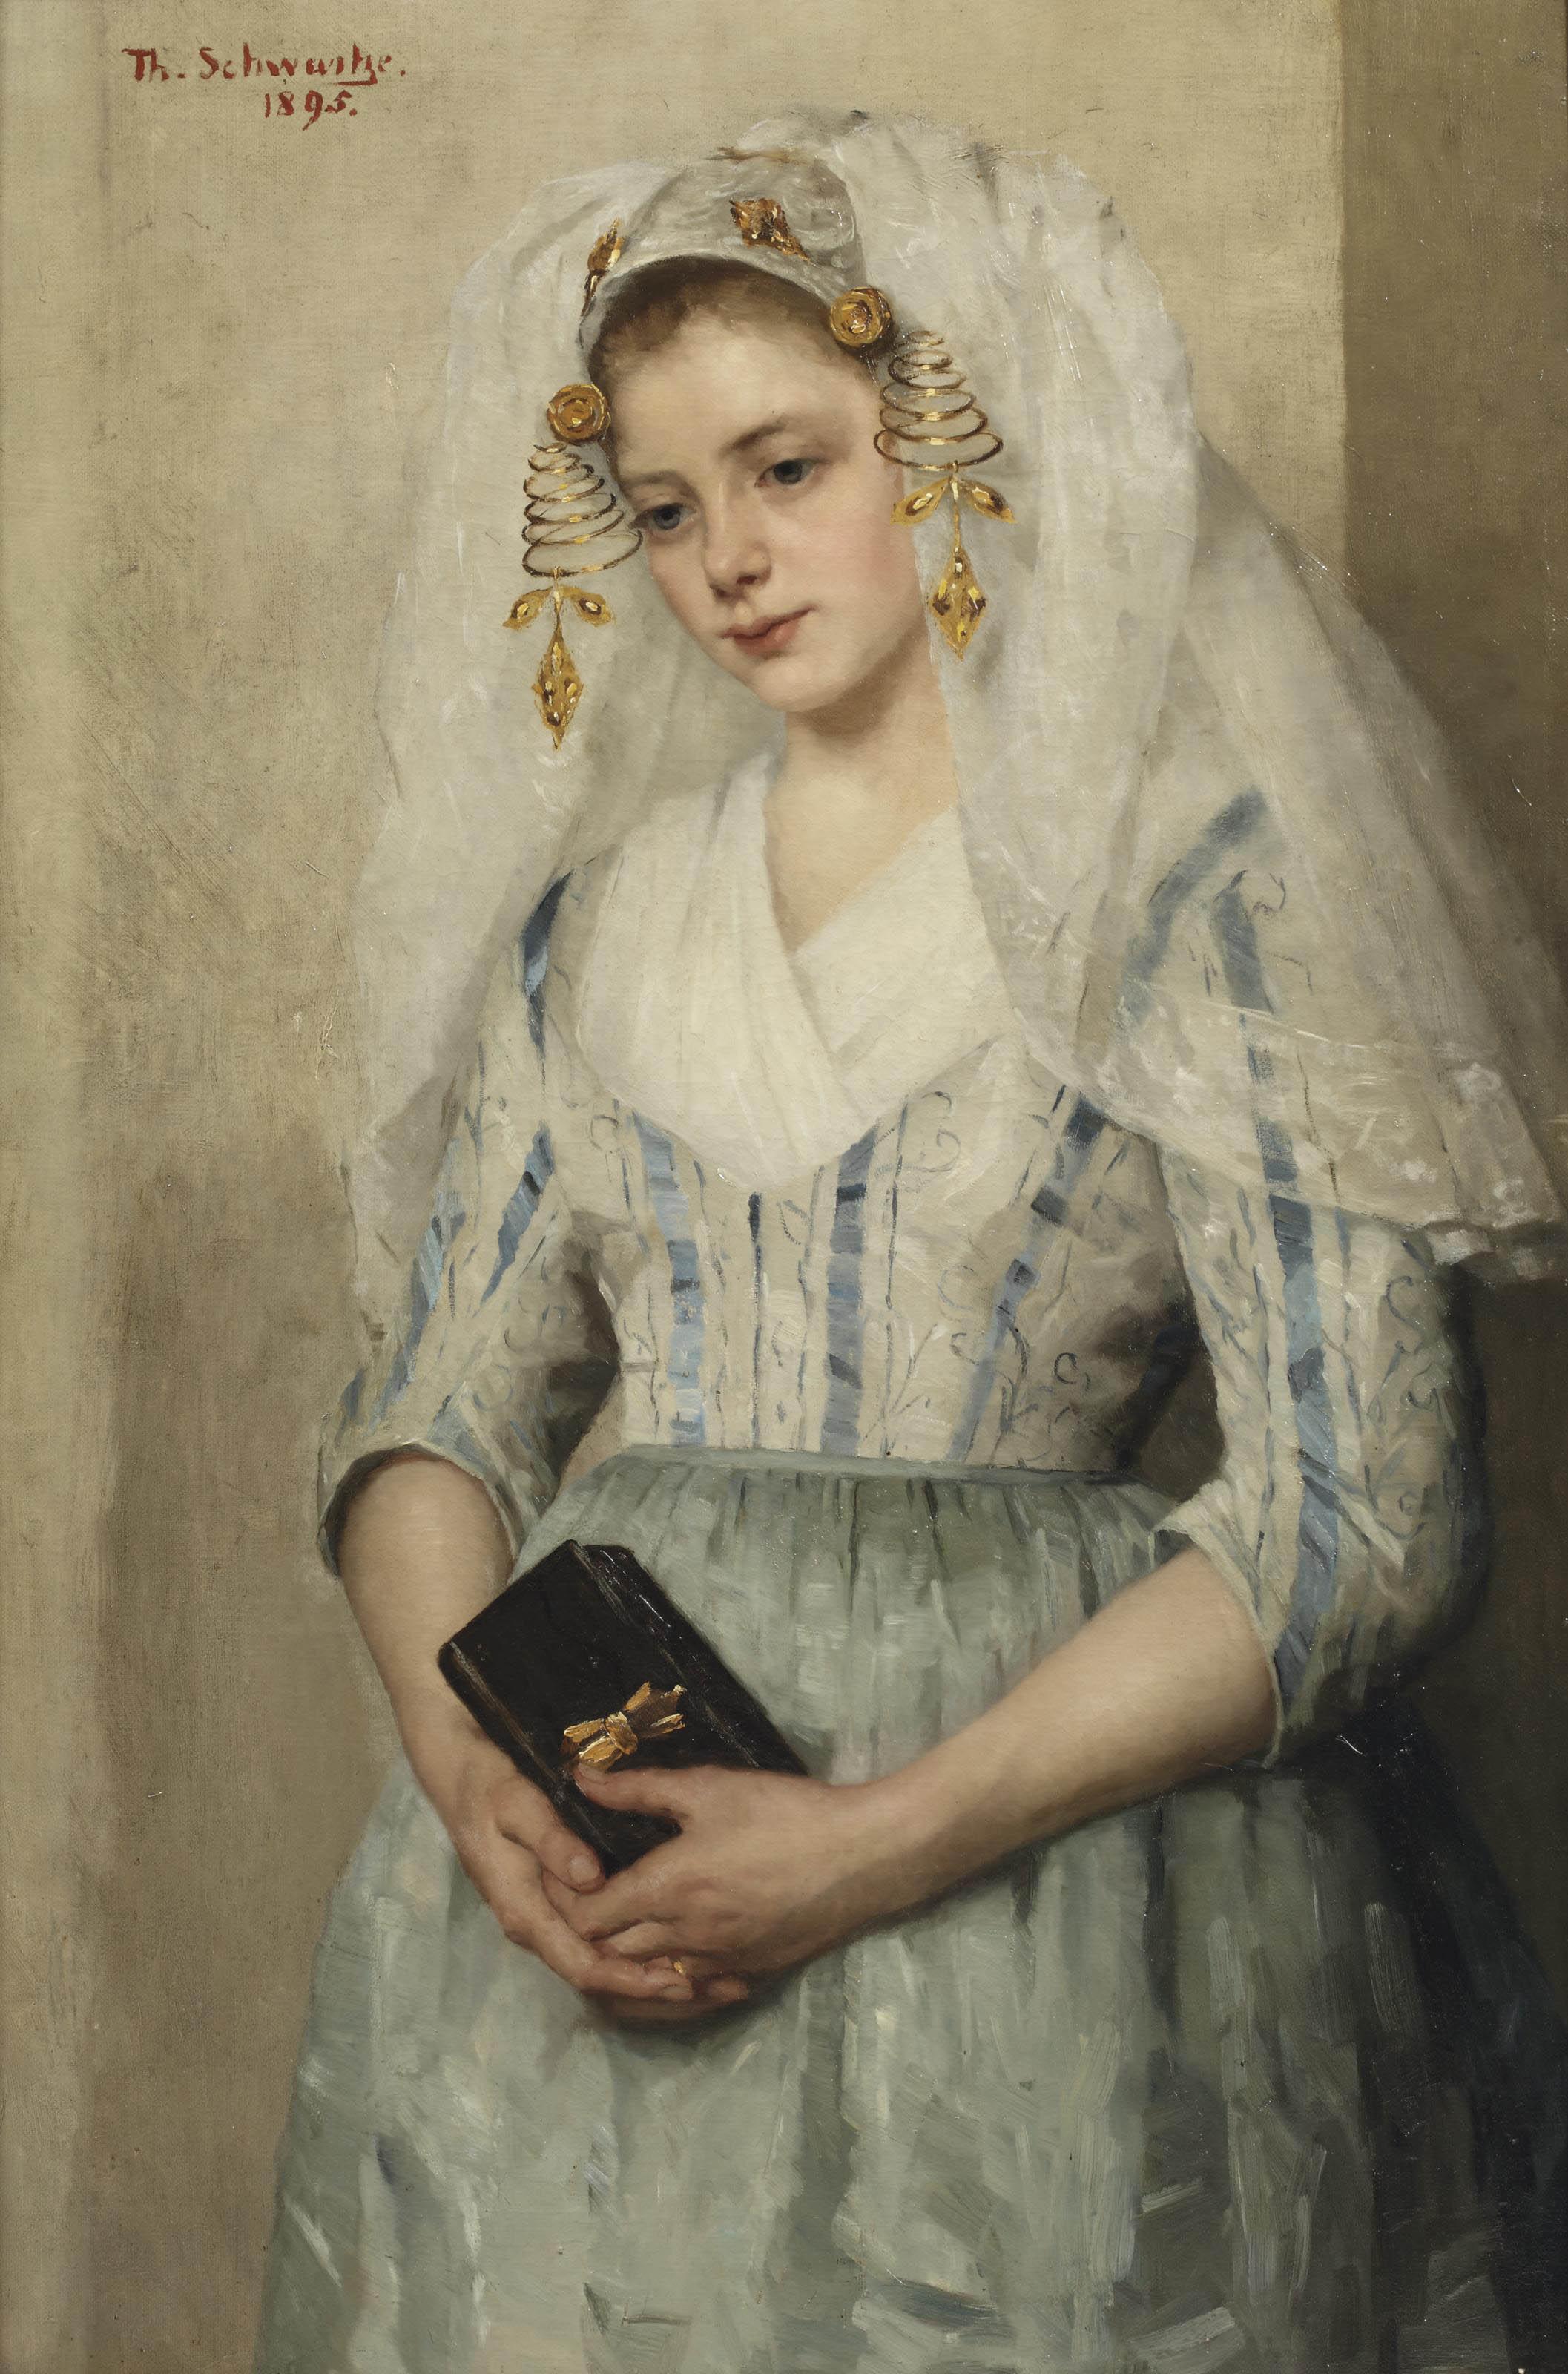 Bruidje uit Oud-Beijerland; portrait of a girl in costume